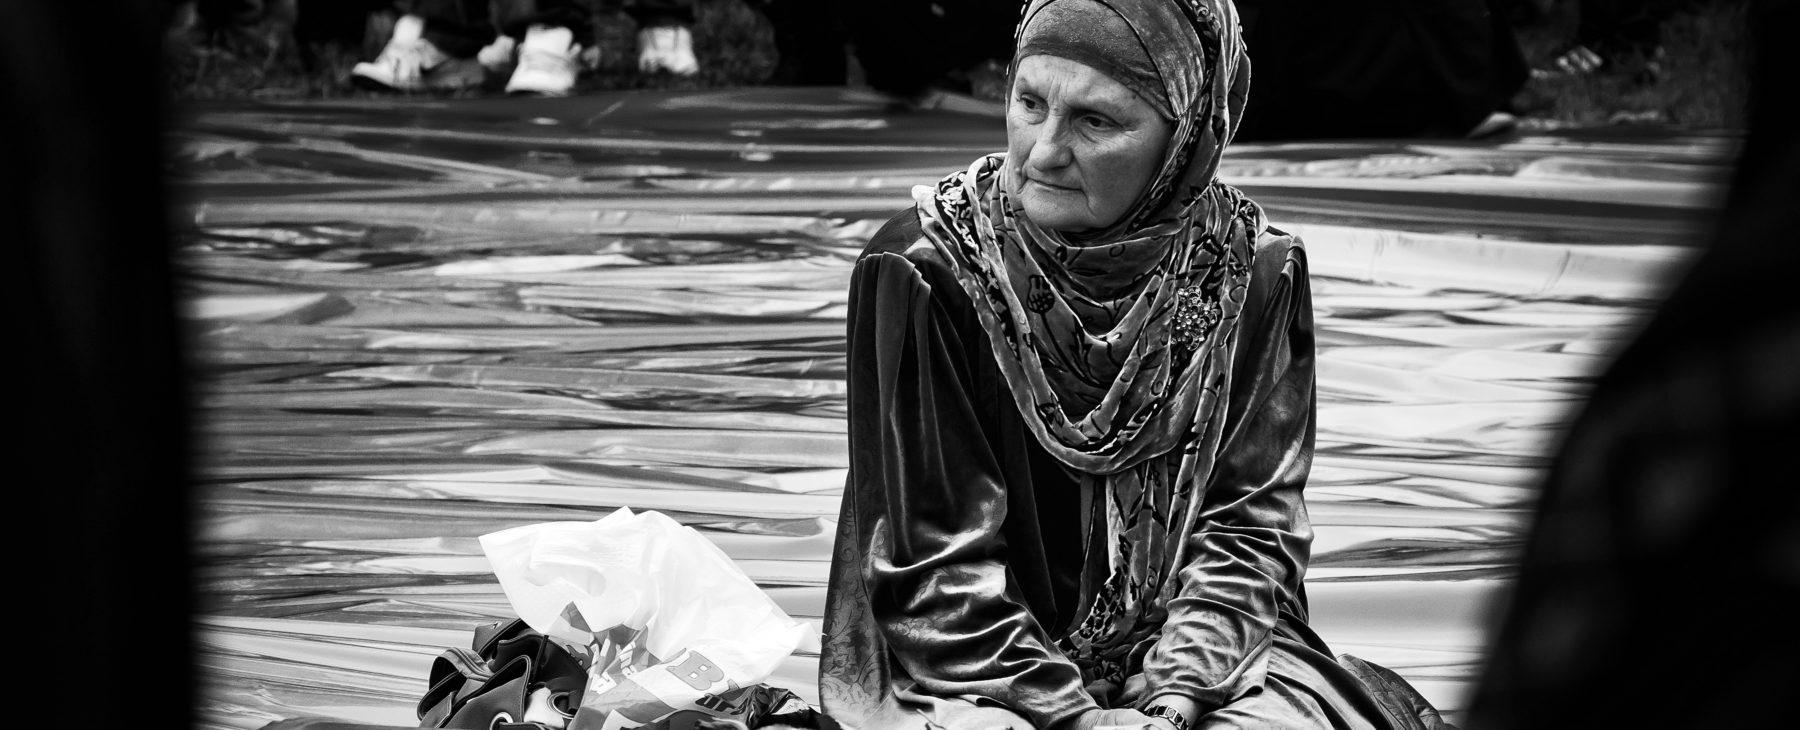 BiH: Des pratiques juridiques harmonisées qui profitent à toutes les victimes